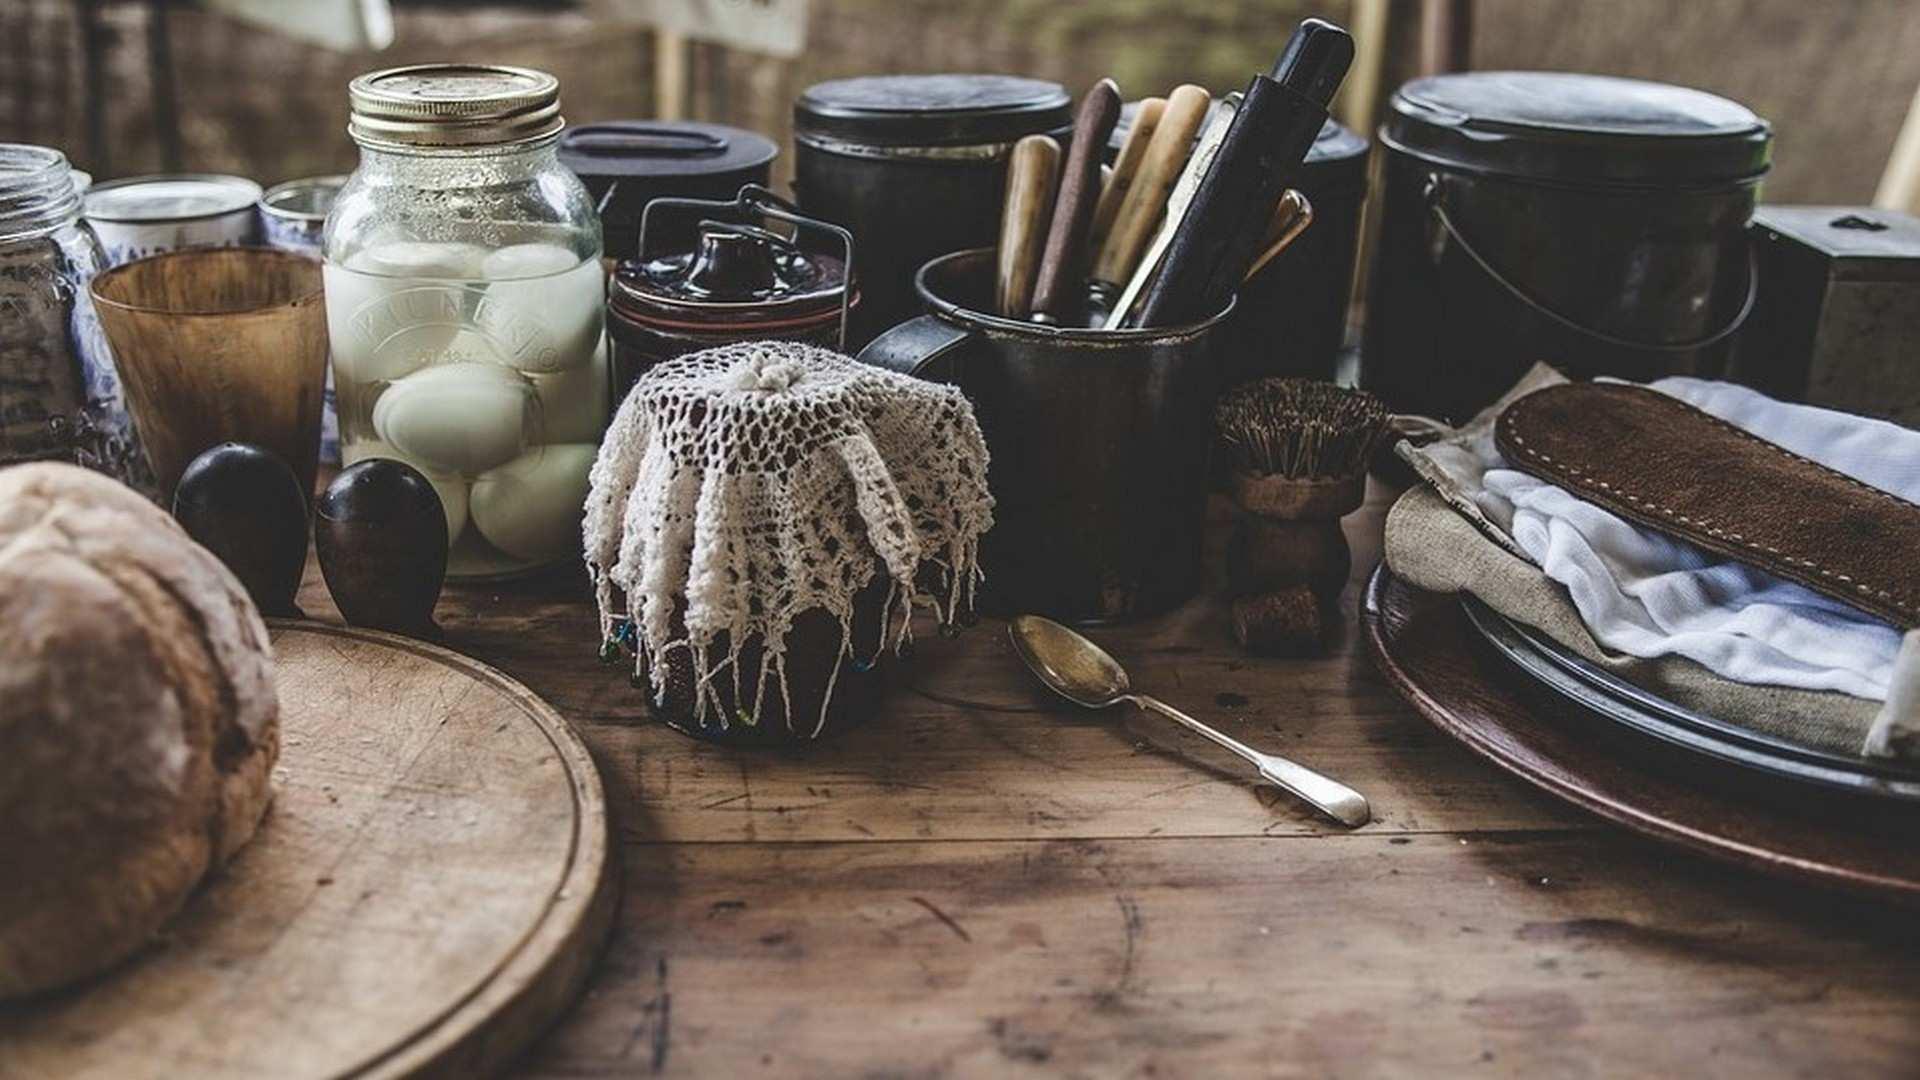 8 utensilios que deberías tener en tu cocina... por menos de 10 euros